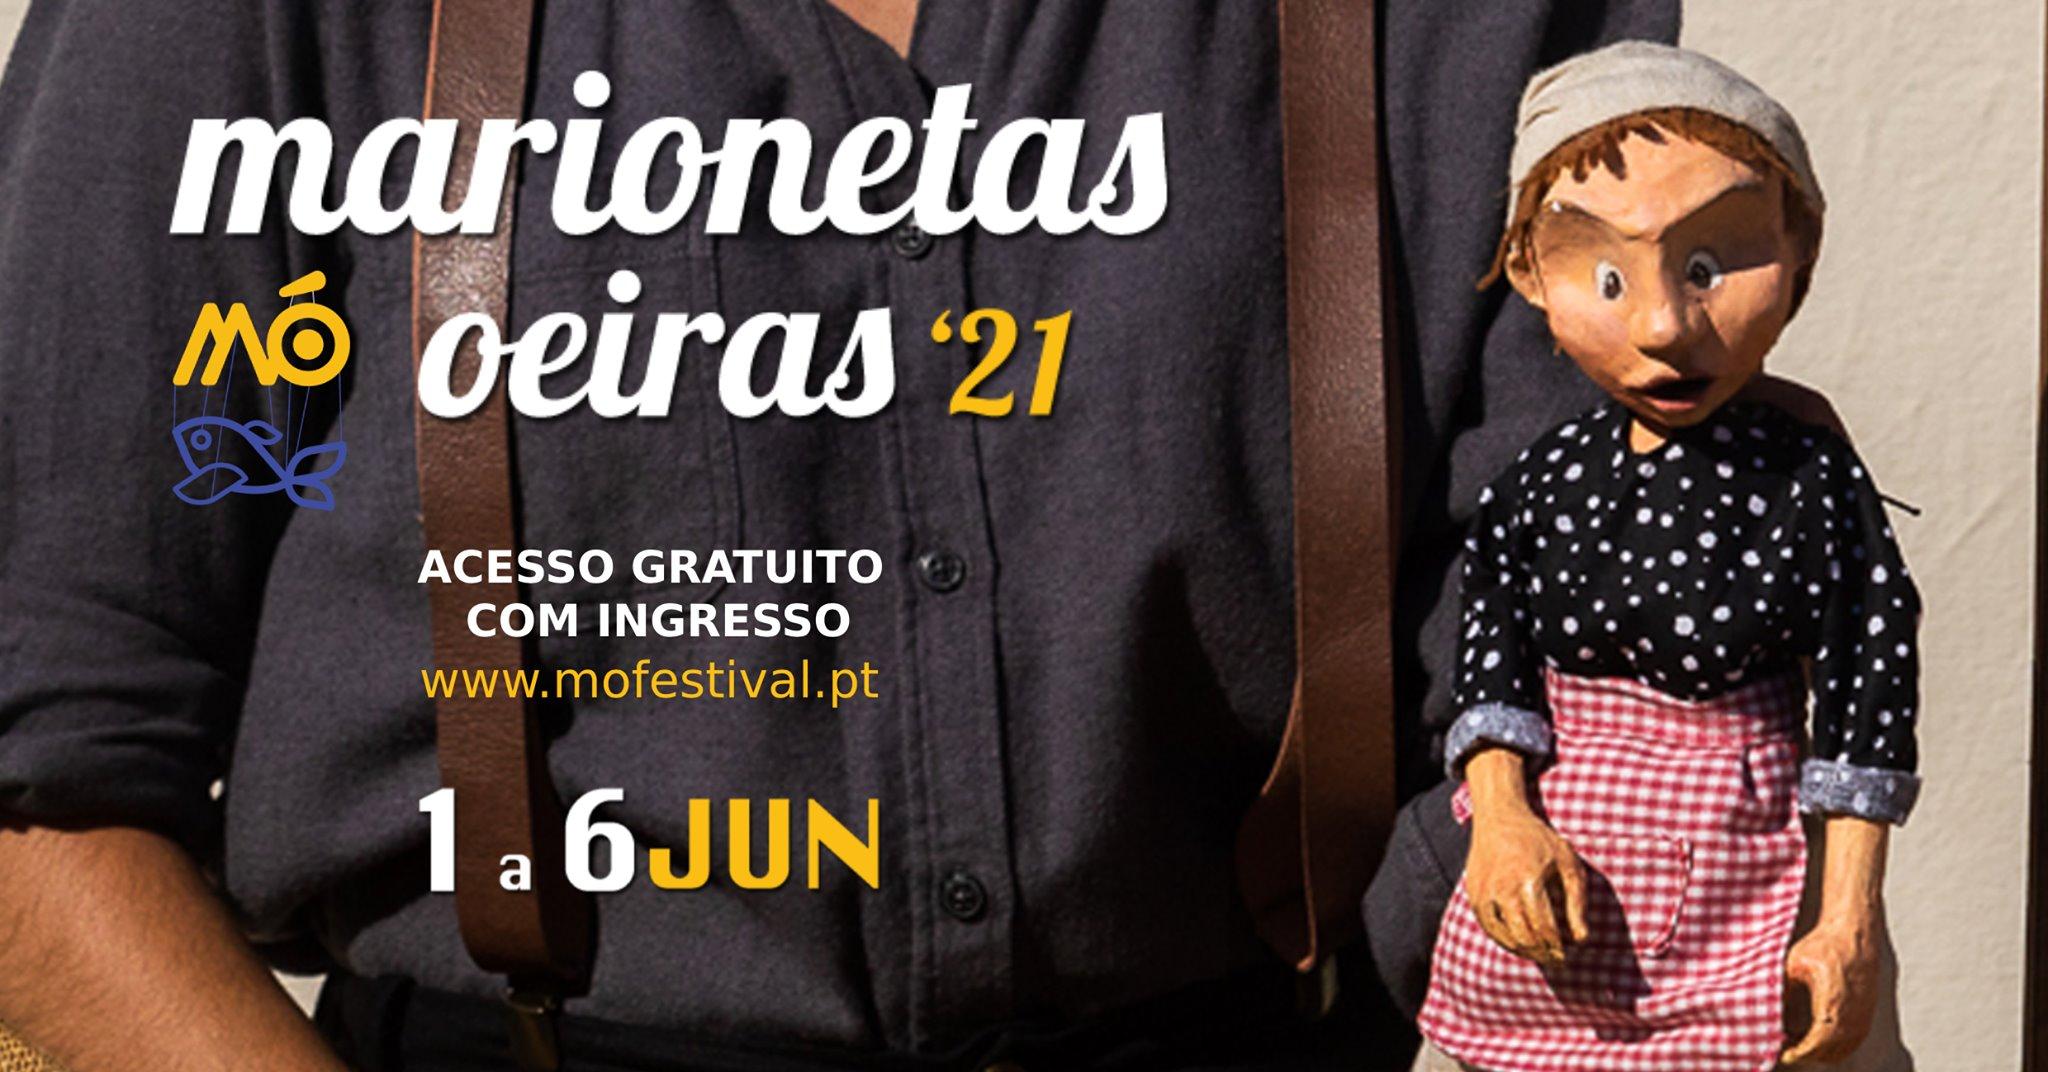 6ª Edição do MÓ - Festival de Marionetas de Oeiras